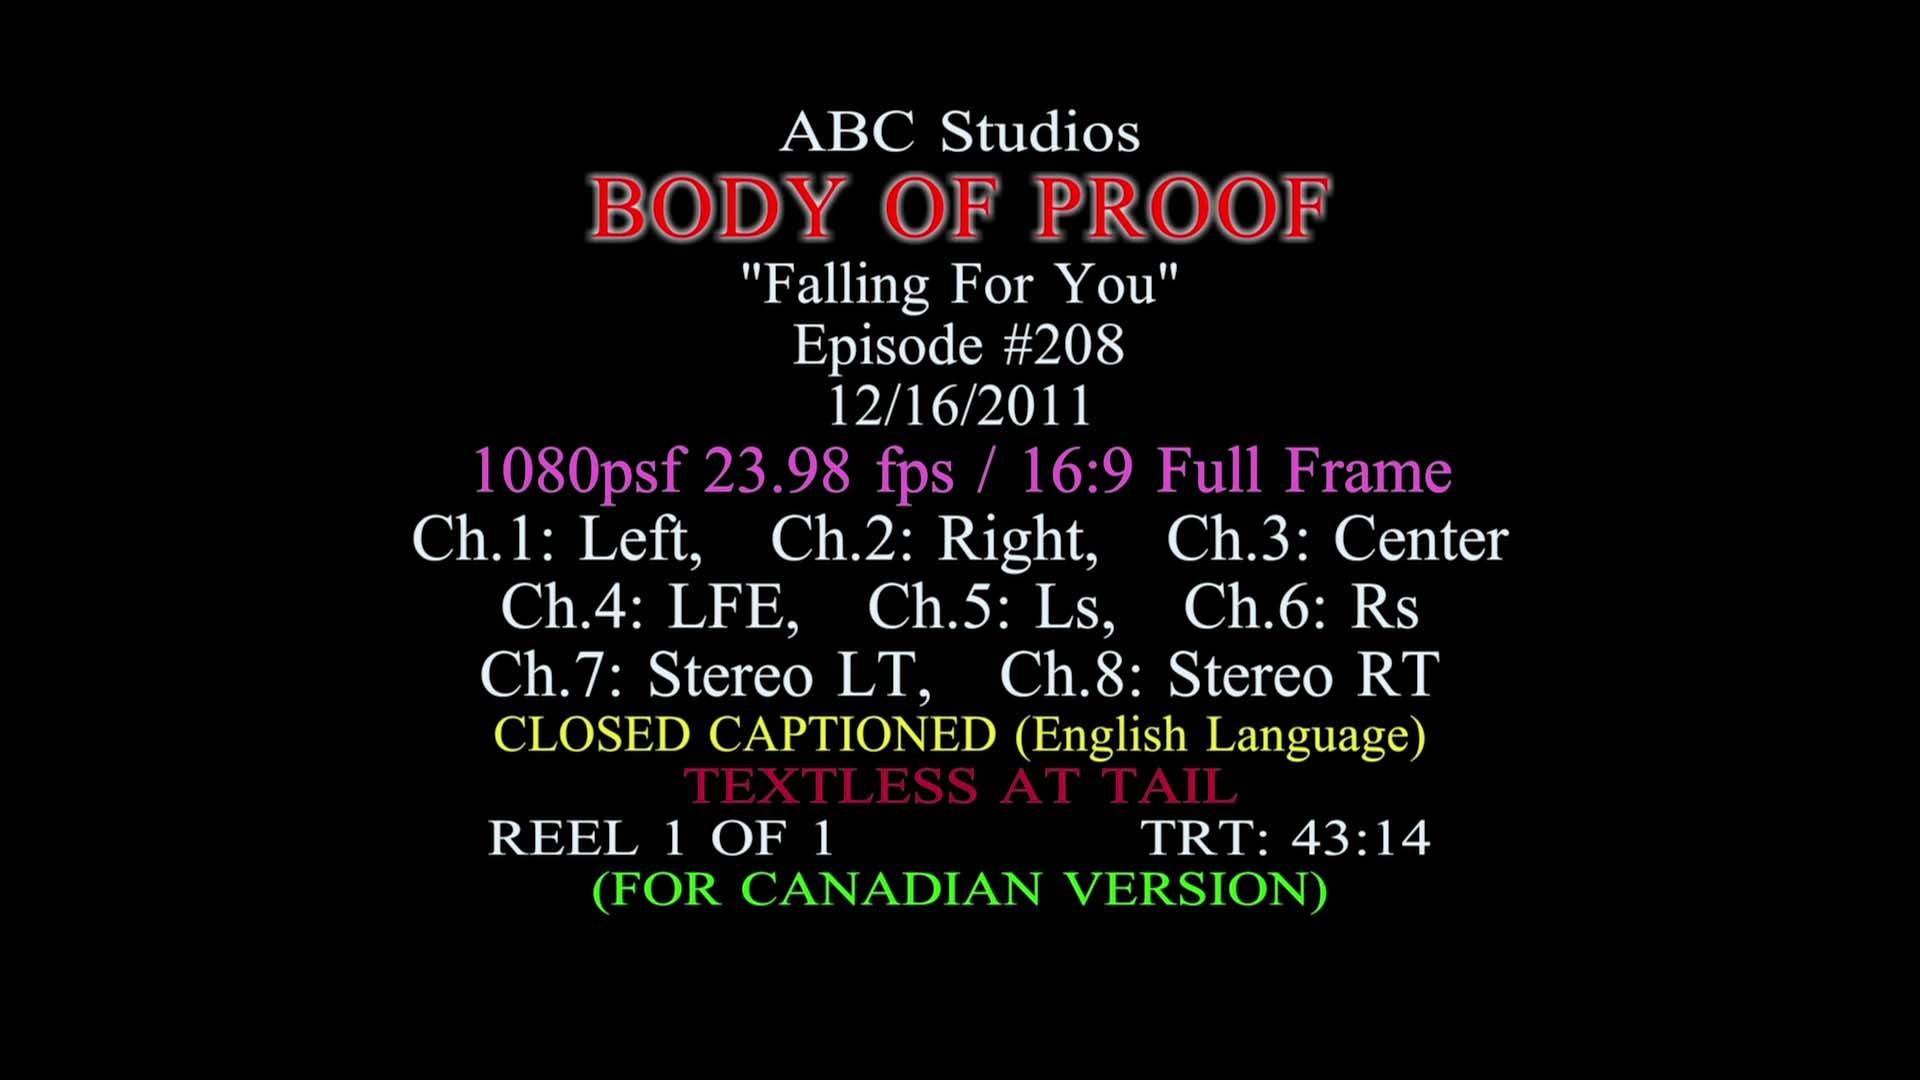 body of proof season 2 episode 19 cucirca